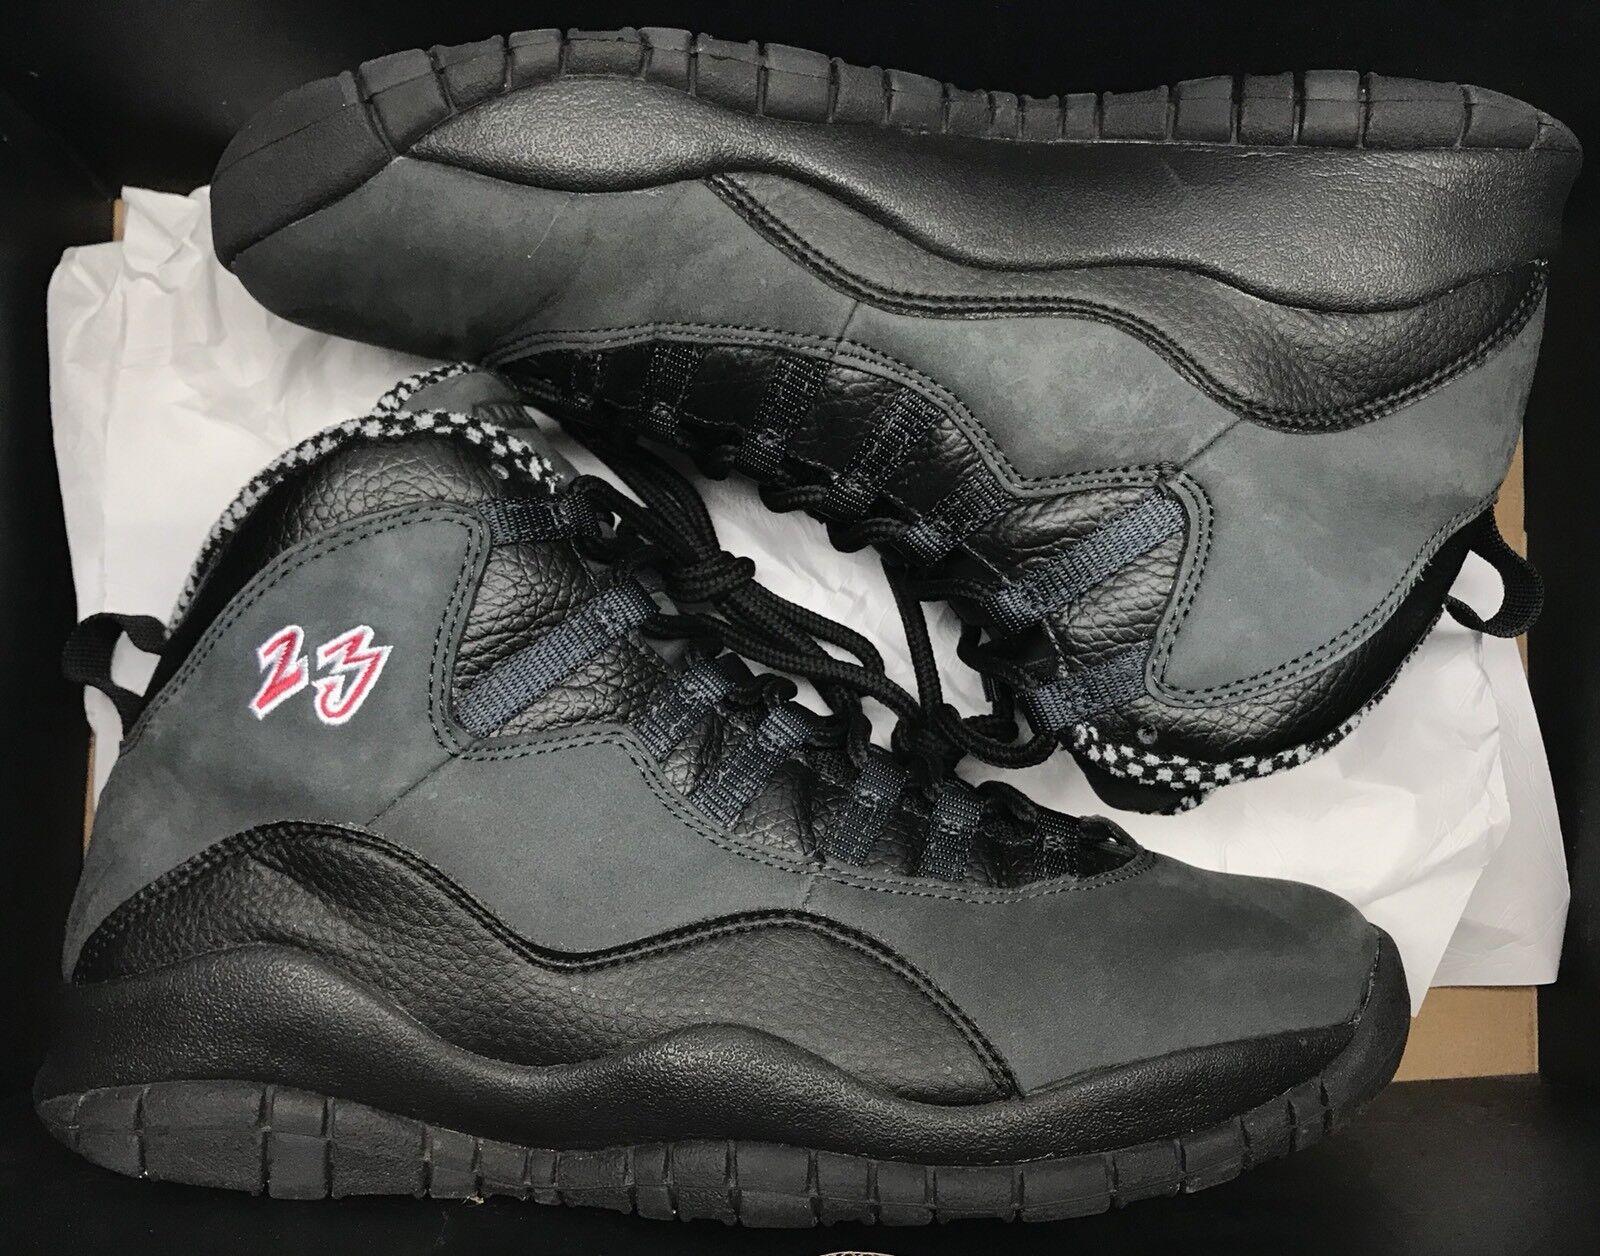 Jordan Retro X 10 Shadow CDP Black Grey Red Stealth 310805-061 Sz 9